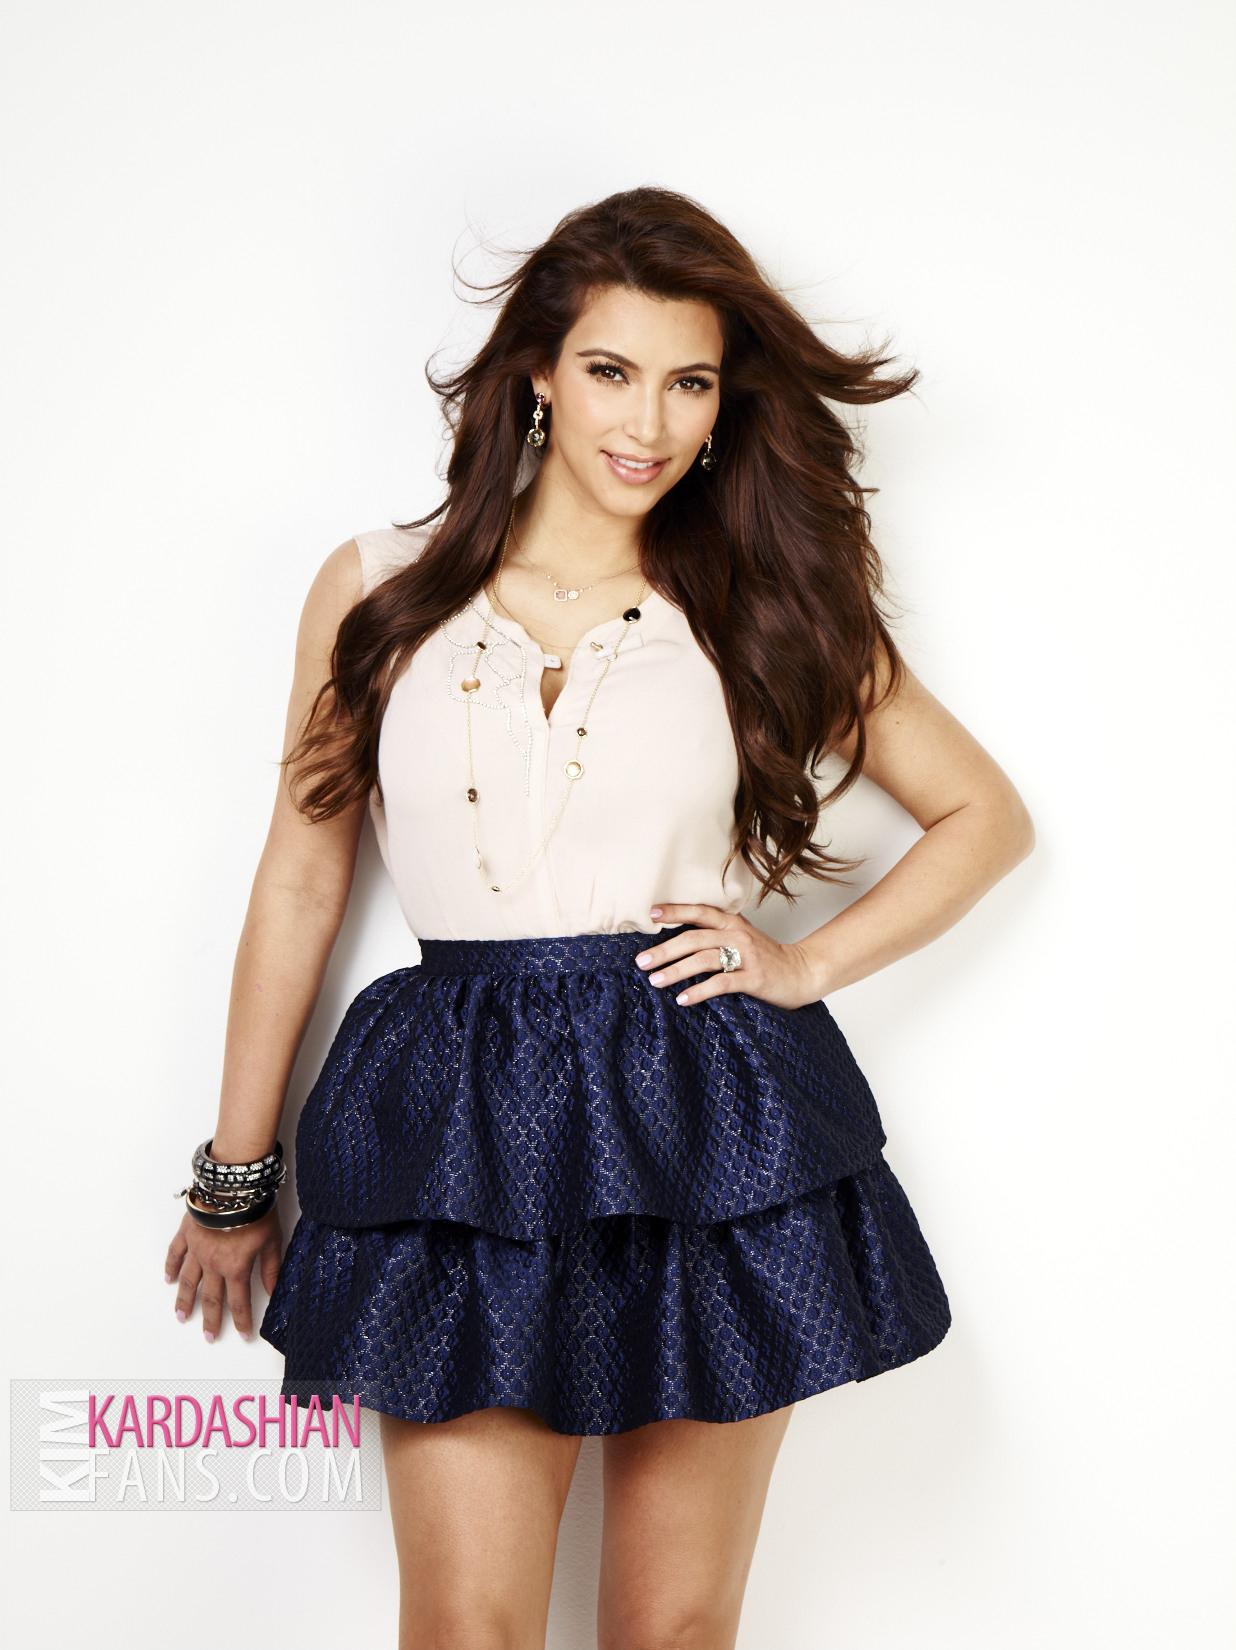 Kardashians Photo Shoot Kim Kardashian Photosh...